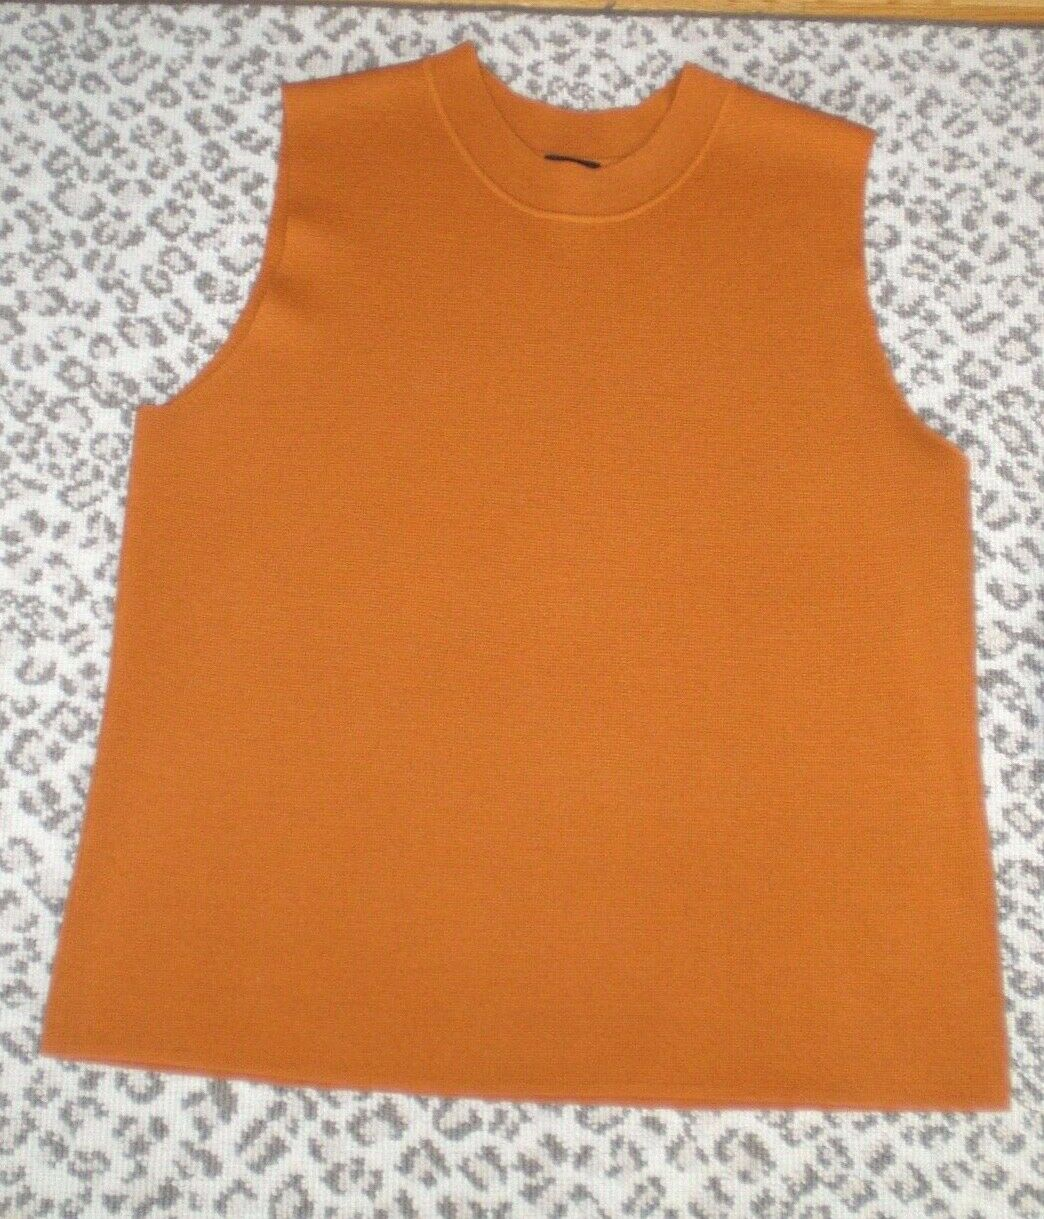 Eileen Fisher Spice Orange 100%Wool Mock Neck Sleeveless Top Sweater  L